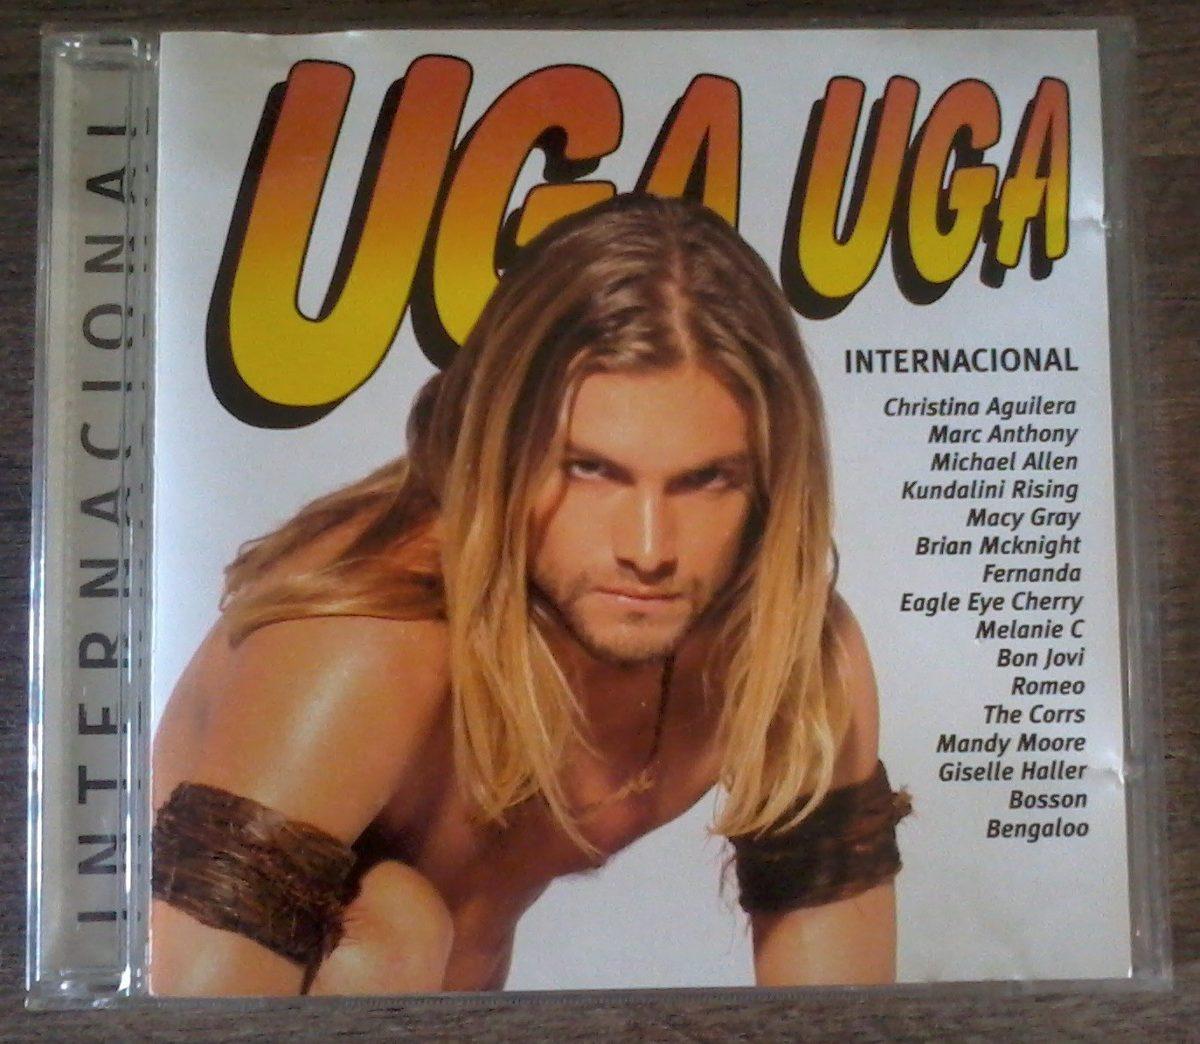 cd novela uga uga internacional